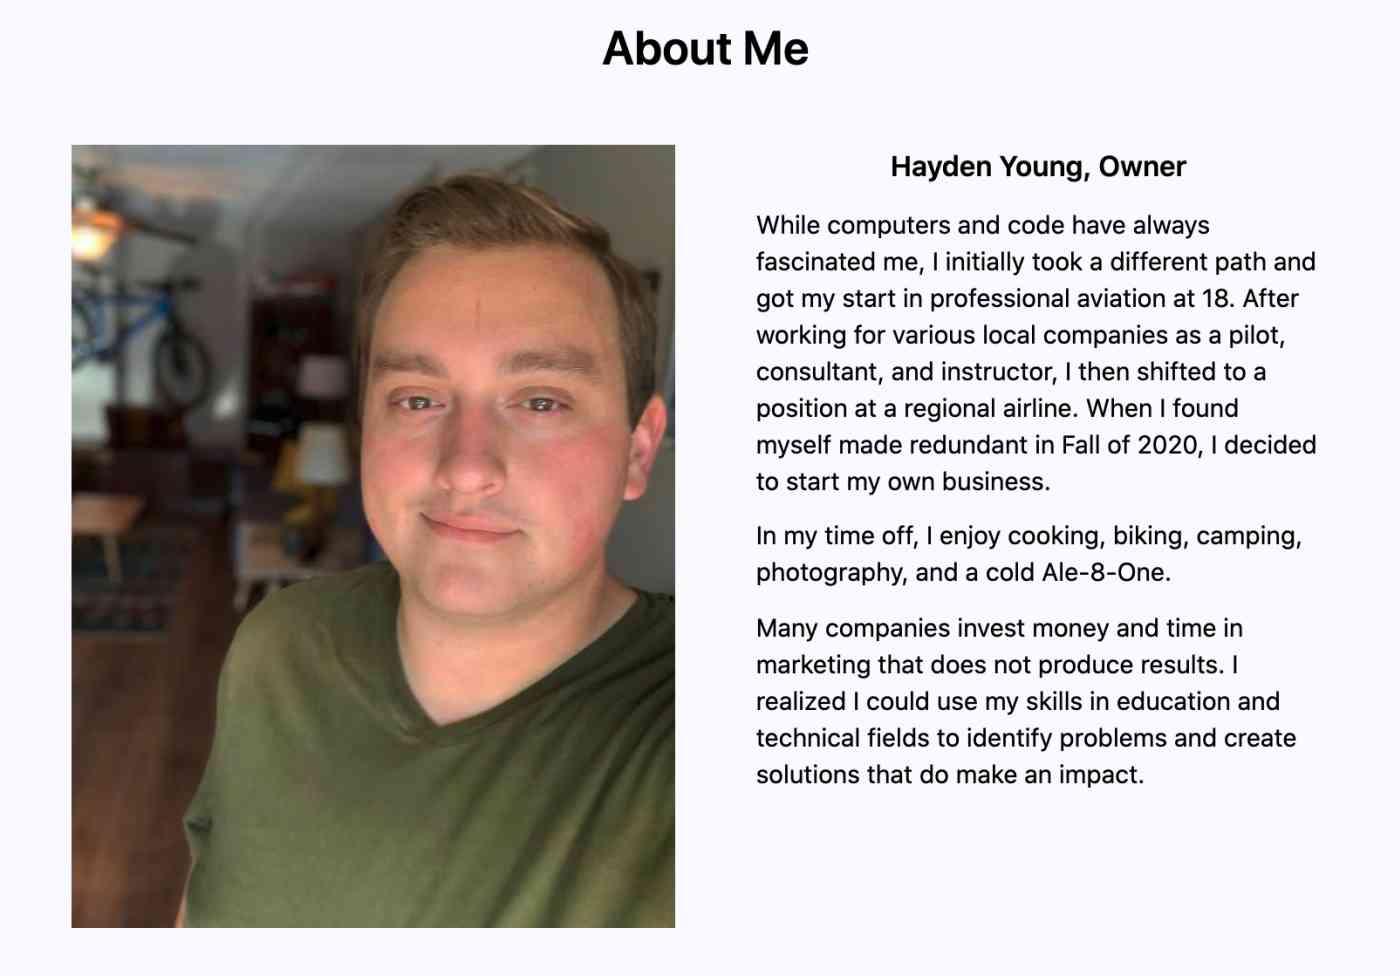 Hayden Young on his website